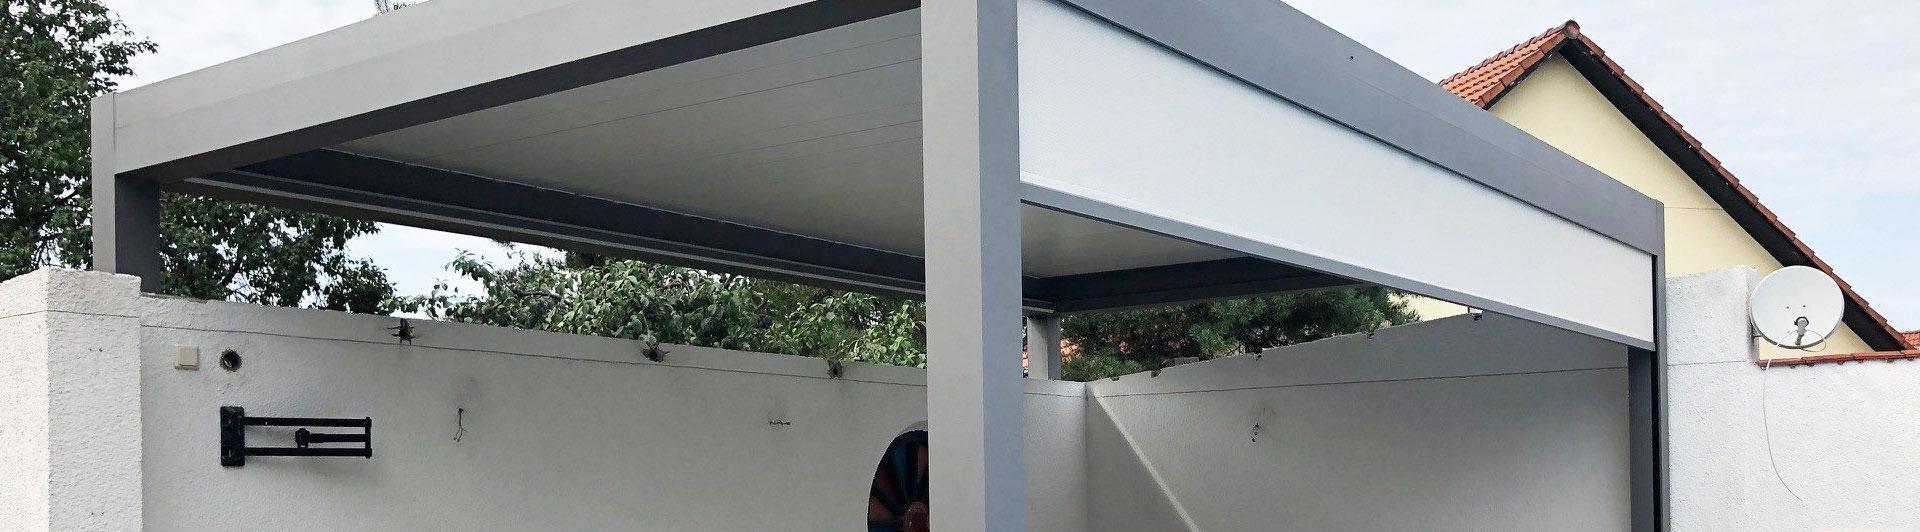 Terrassendächer/Pergolen